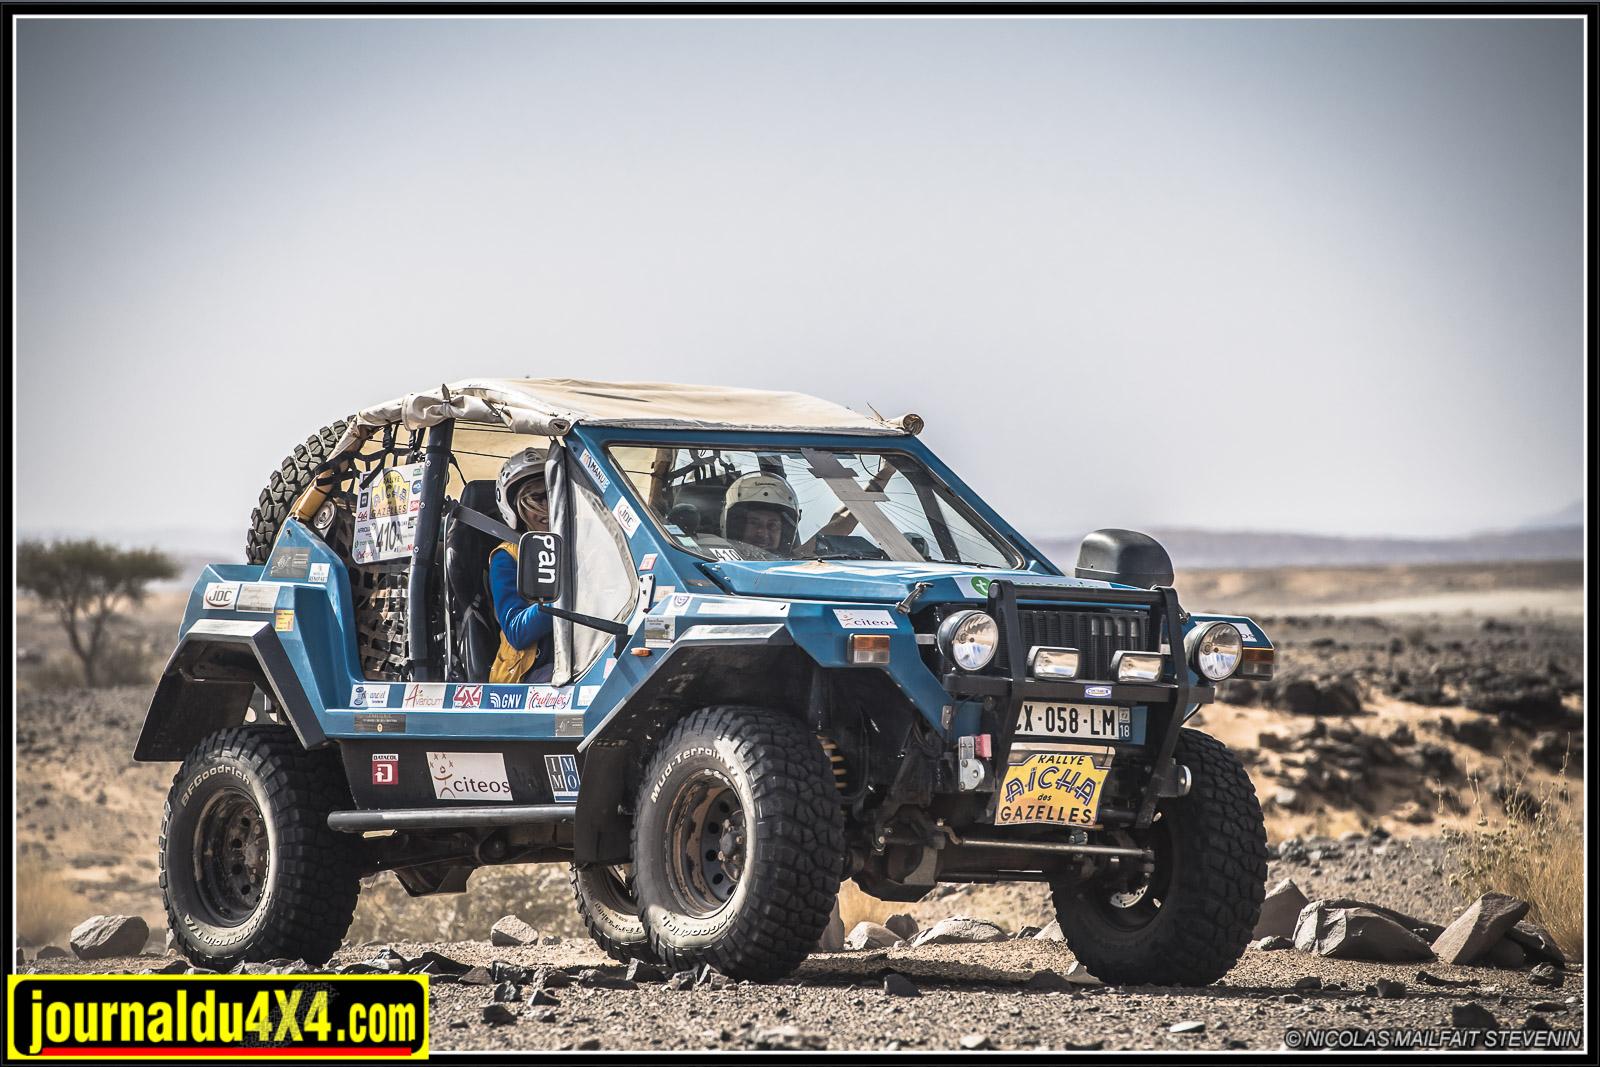 rallye-aicha-gazelles-maroc-2017-8433.jpg